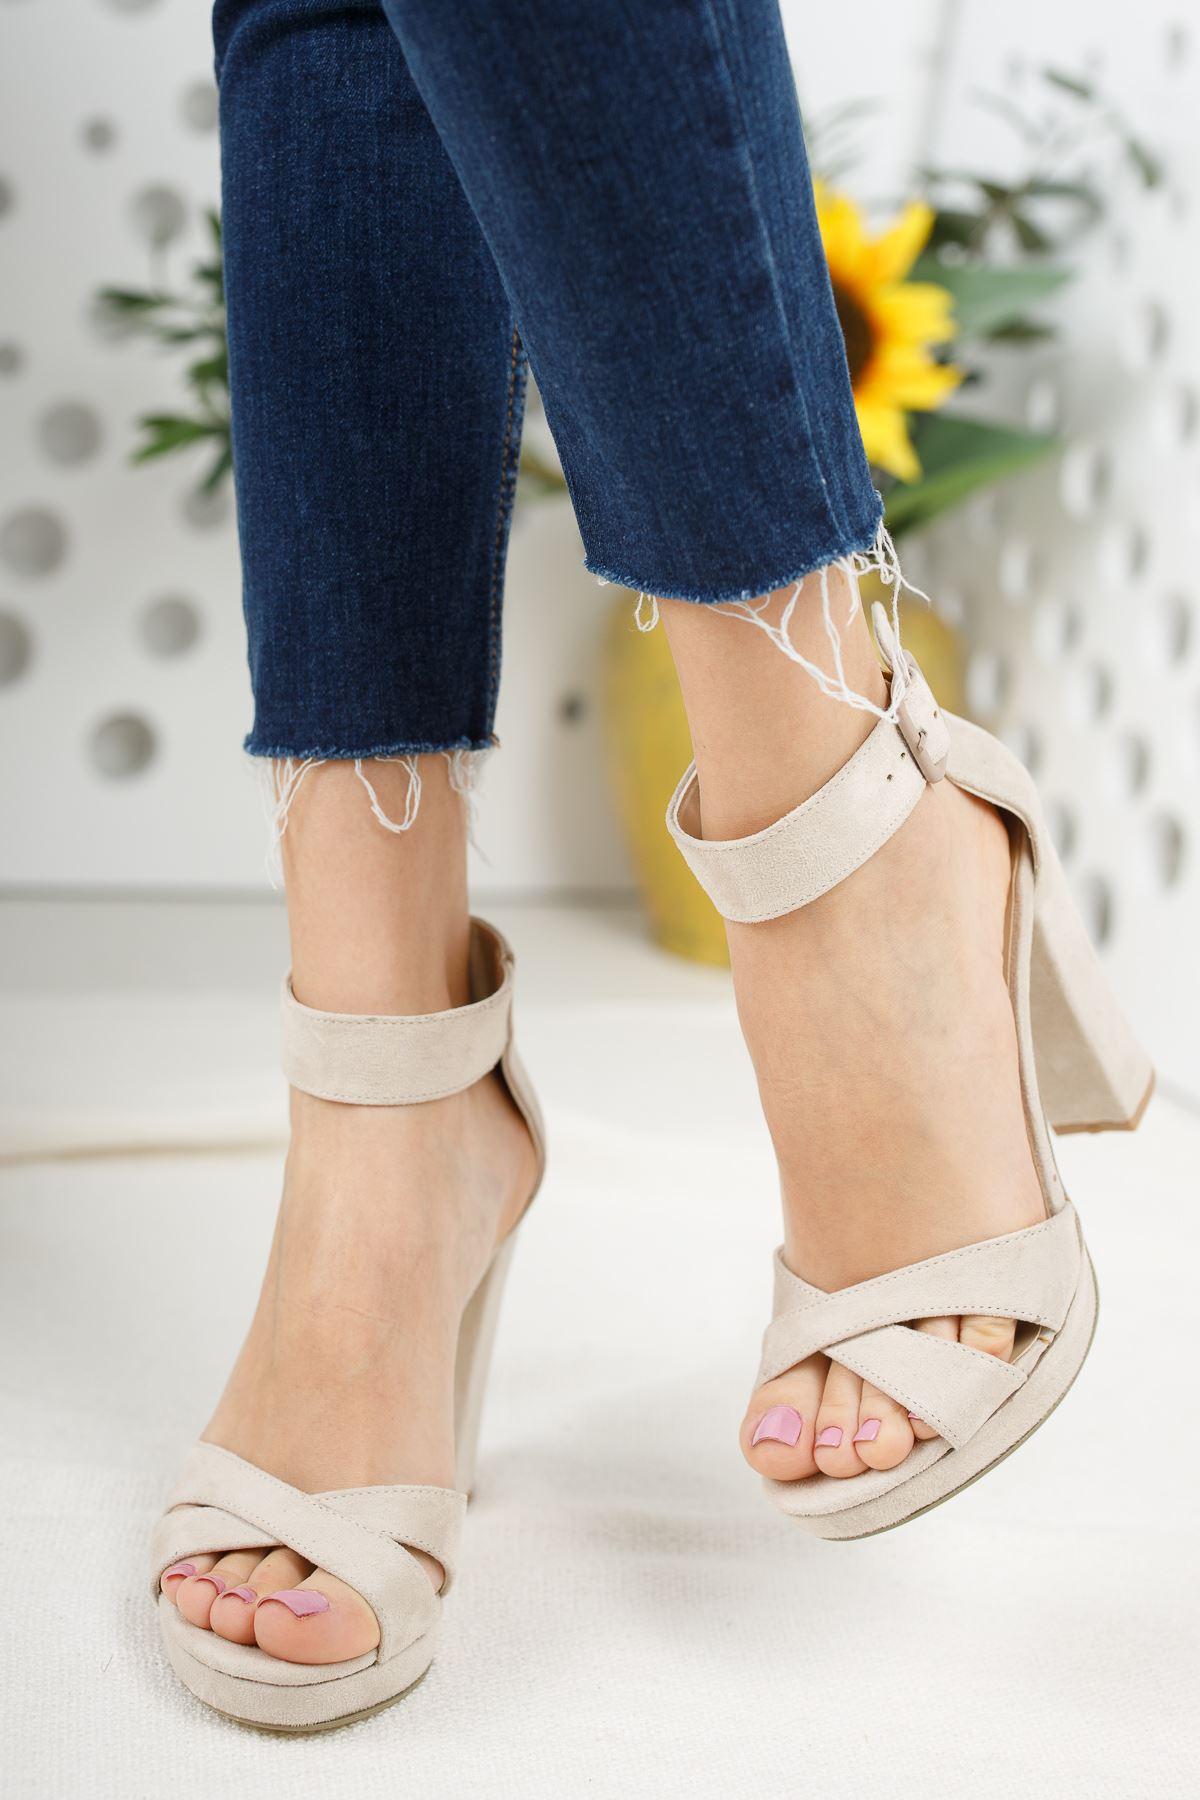 Kadın Loked Yüksek Topuklu Çapraz Bantlı Ten Süet Tek Bant Ayakkabı